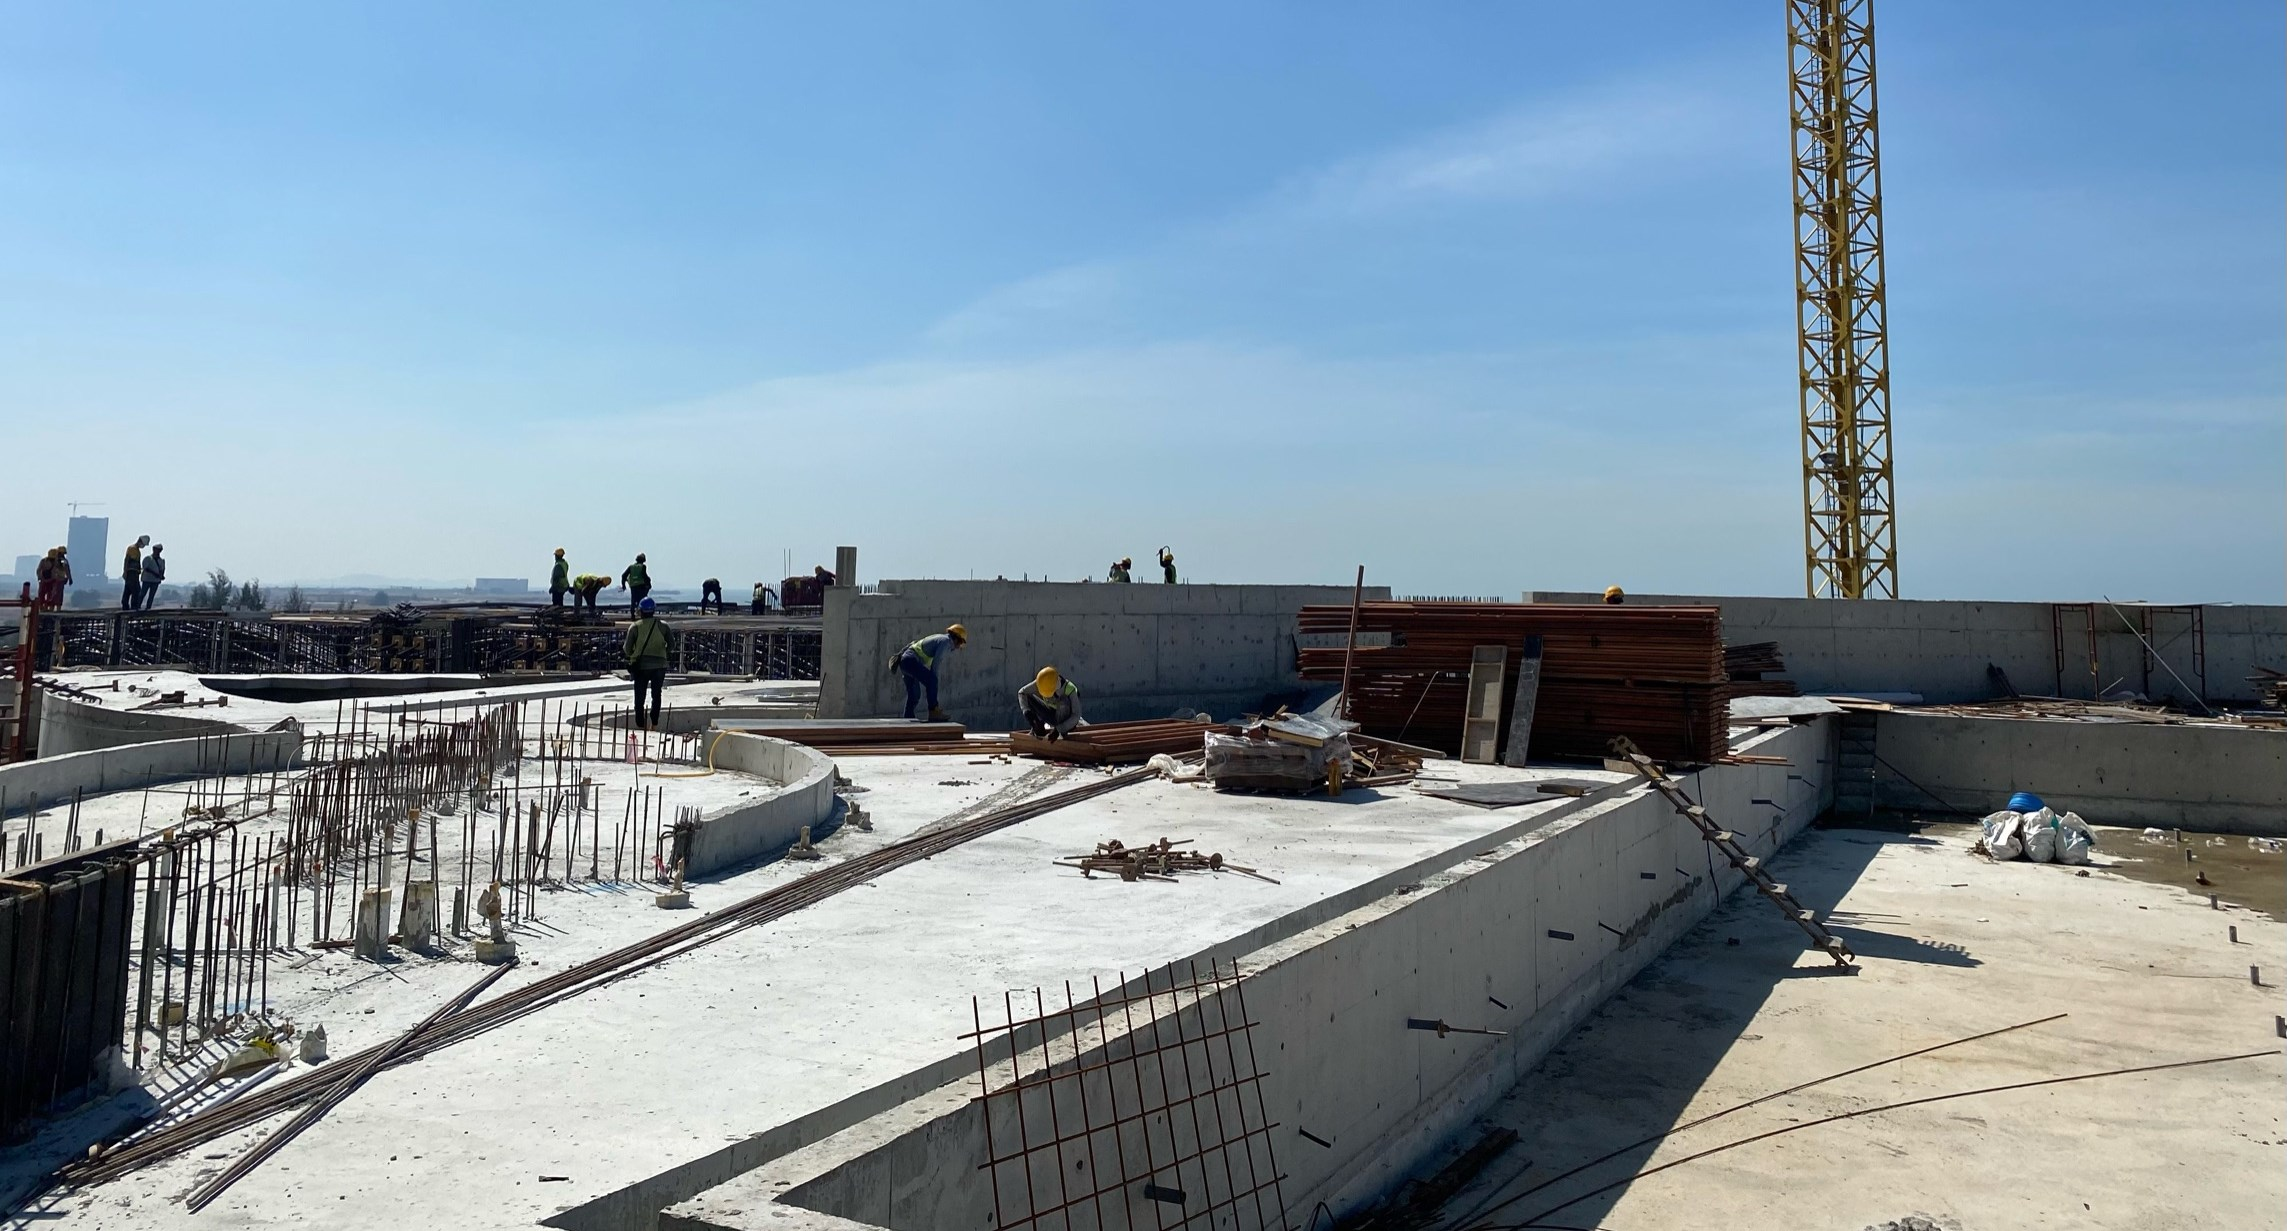 04-B 棟區域 Zone 4&5 (7F 樓板清理)